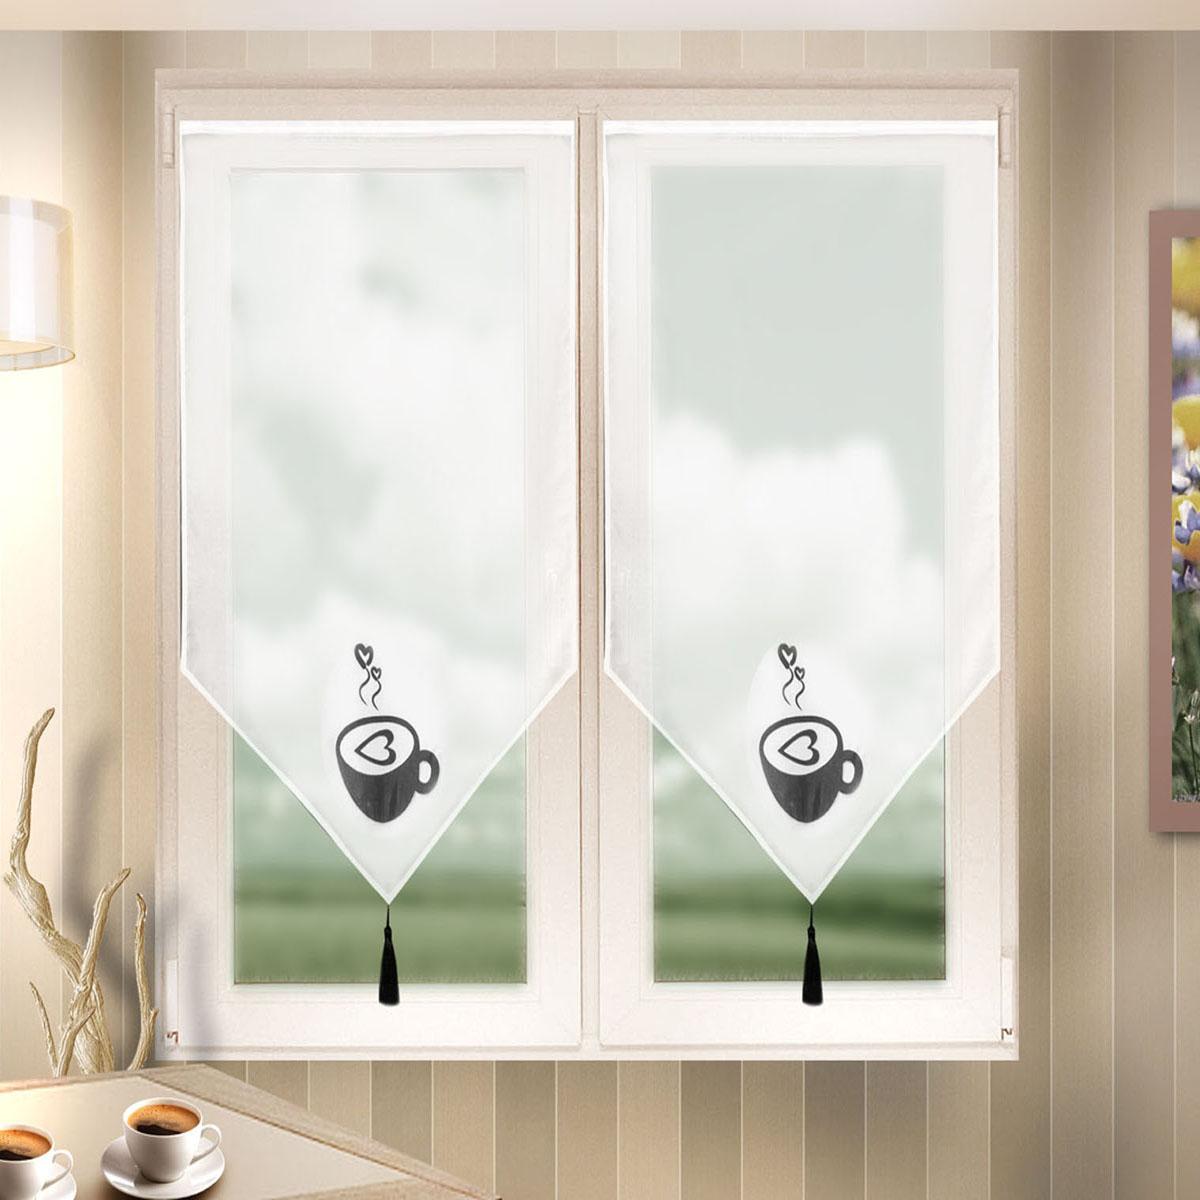 Гардина Zlata Korunka, цвет: белый, ширина 60 см, высота 90 см. 666024/21985140/430Лучшая альтернатива рулонным шторам на кухне – шторы на липкой ленте. Особенность этих штор заключается в том, что они имеют липкую основу в месте крепления . Лента или основа надежно и быстро крепится на раму окна, а на нее фиксируется сама штора.Размеры: ширина 60* высота 90